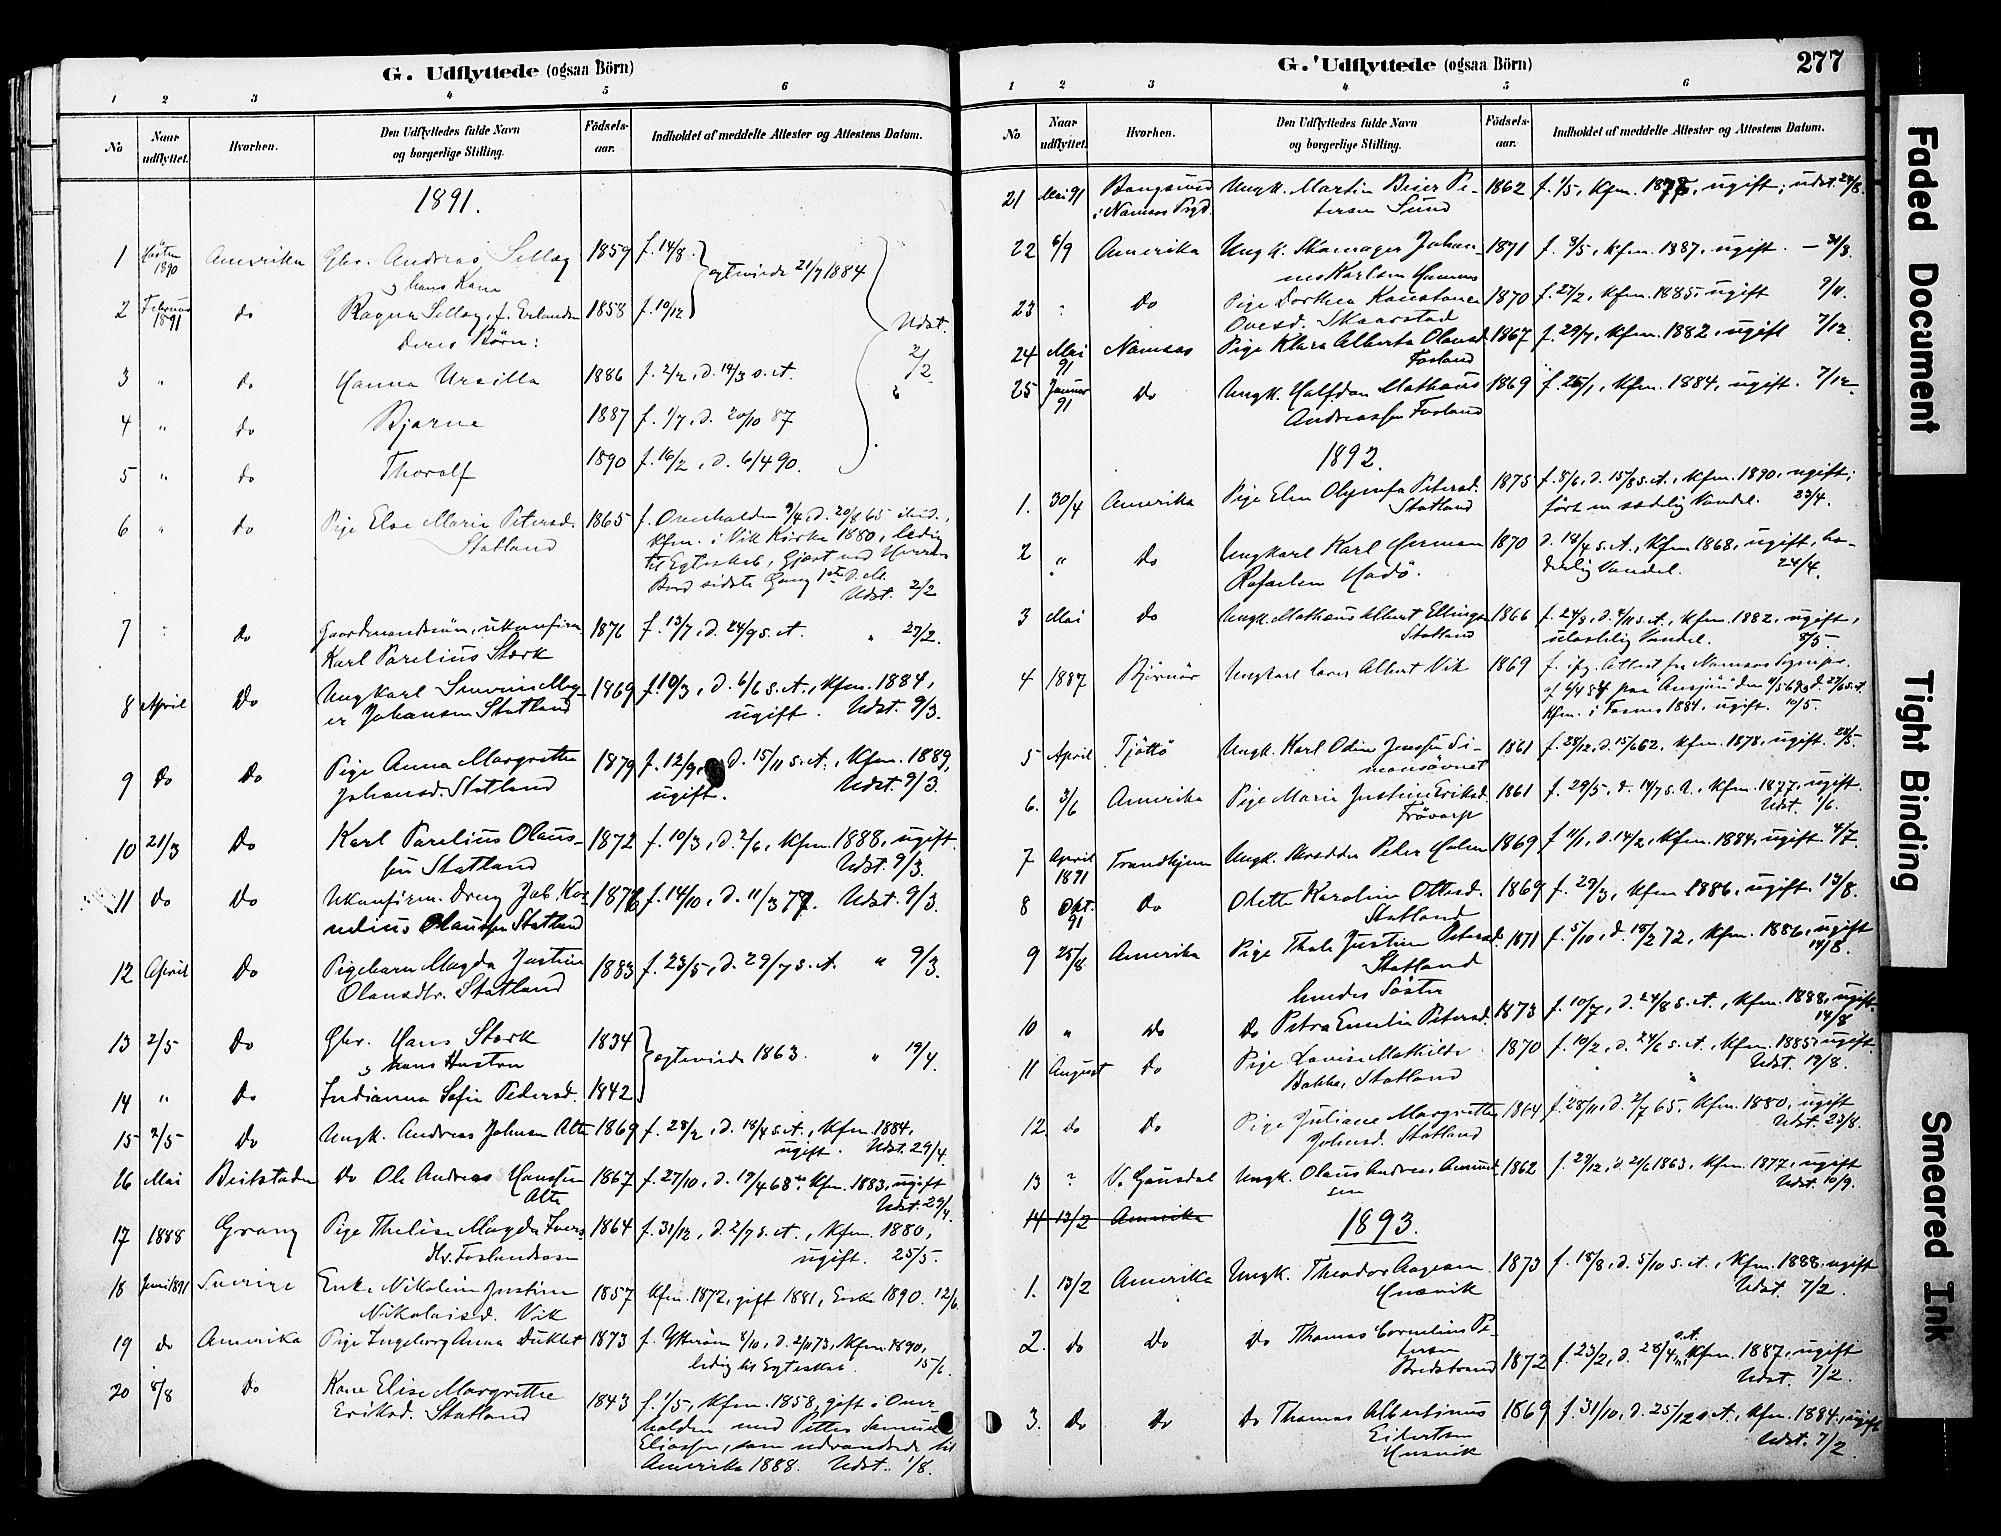 SAT, Ministerialprotokoller, klokkerbøker og fødselsregistre - Nord-Trøndelag, 774/L0628: Ministerialbok nr. 774A02, 1887-1903, s. 277